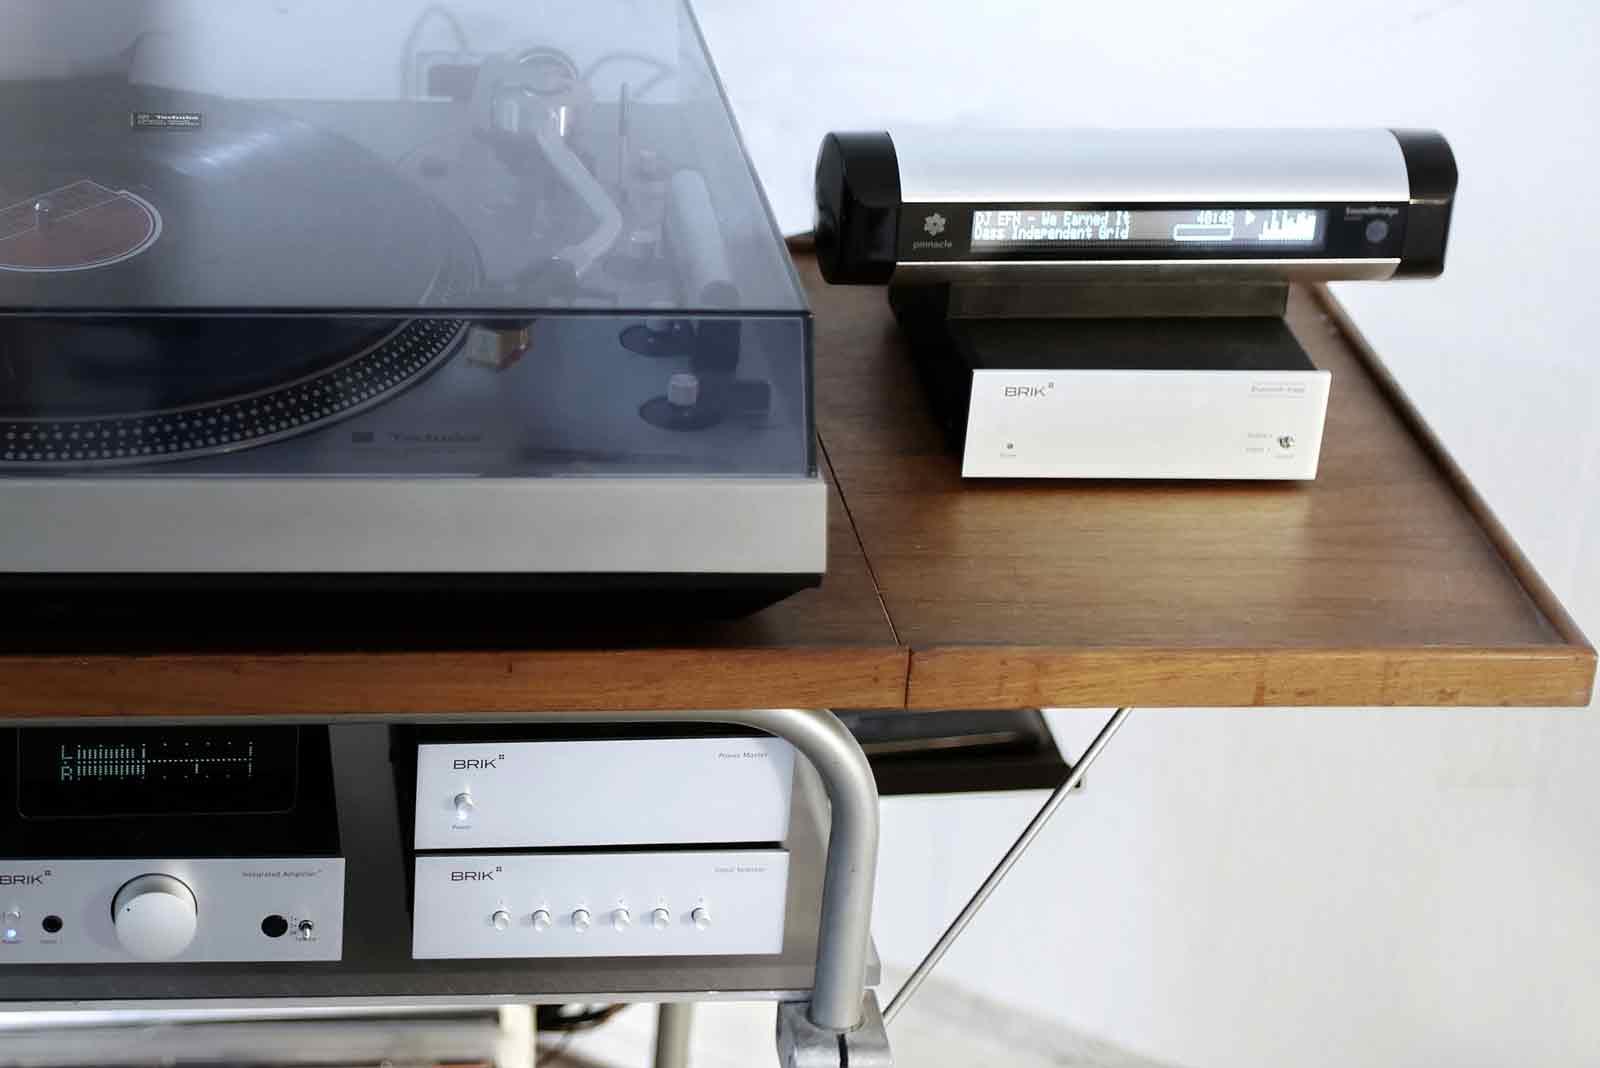 MIND WORK Roku Soundbridge M1001 Technics SL-1300 Brik on tea table